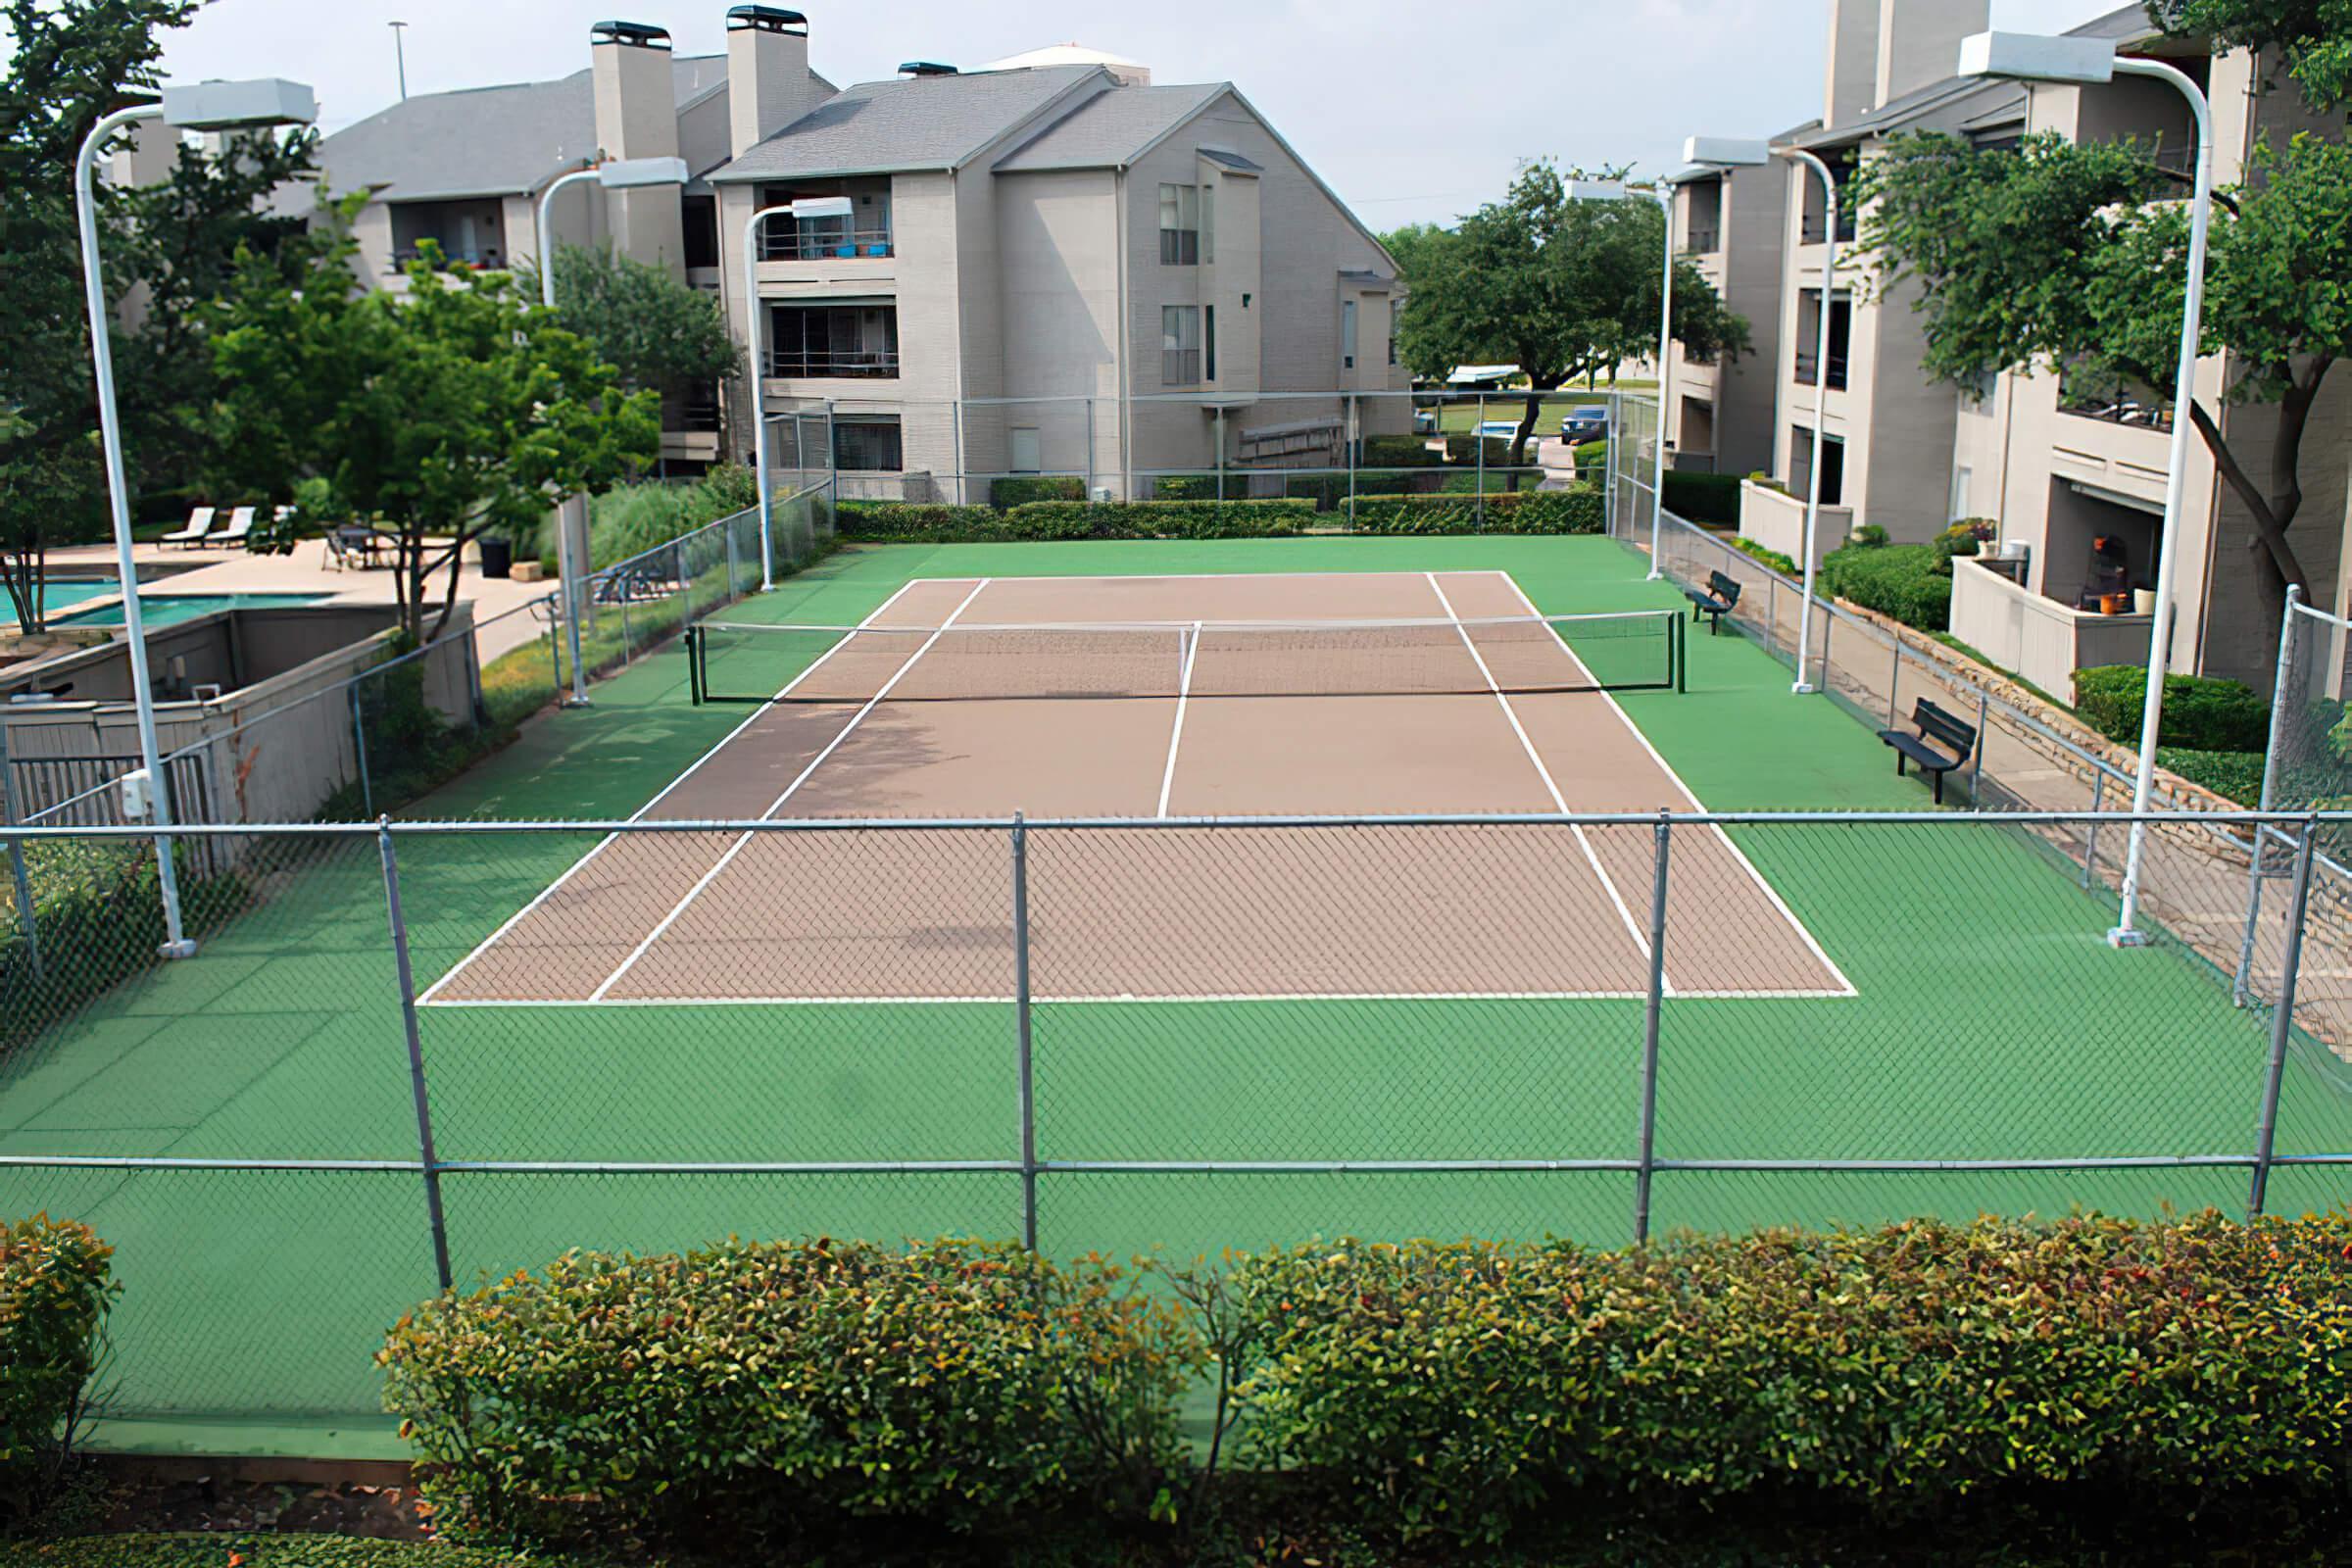 TennisCourt-width-2400px.jpg